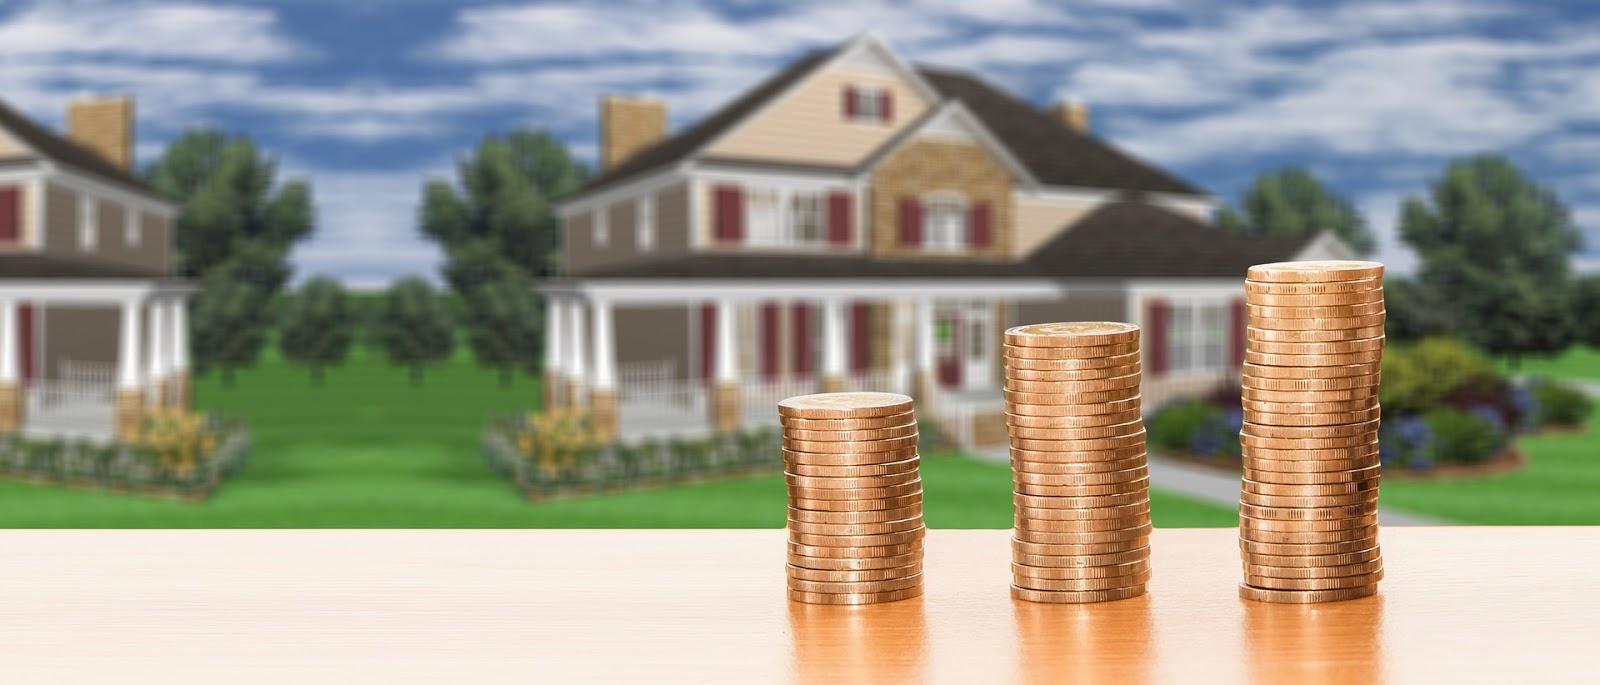 Aset Akuntansi : Pengertian, Jenis, Contoh, Manfaat